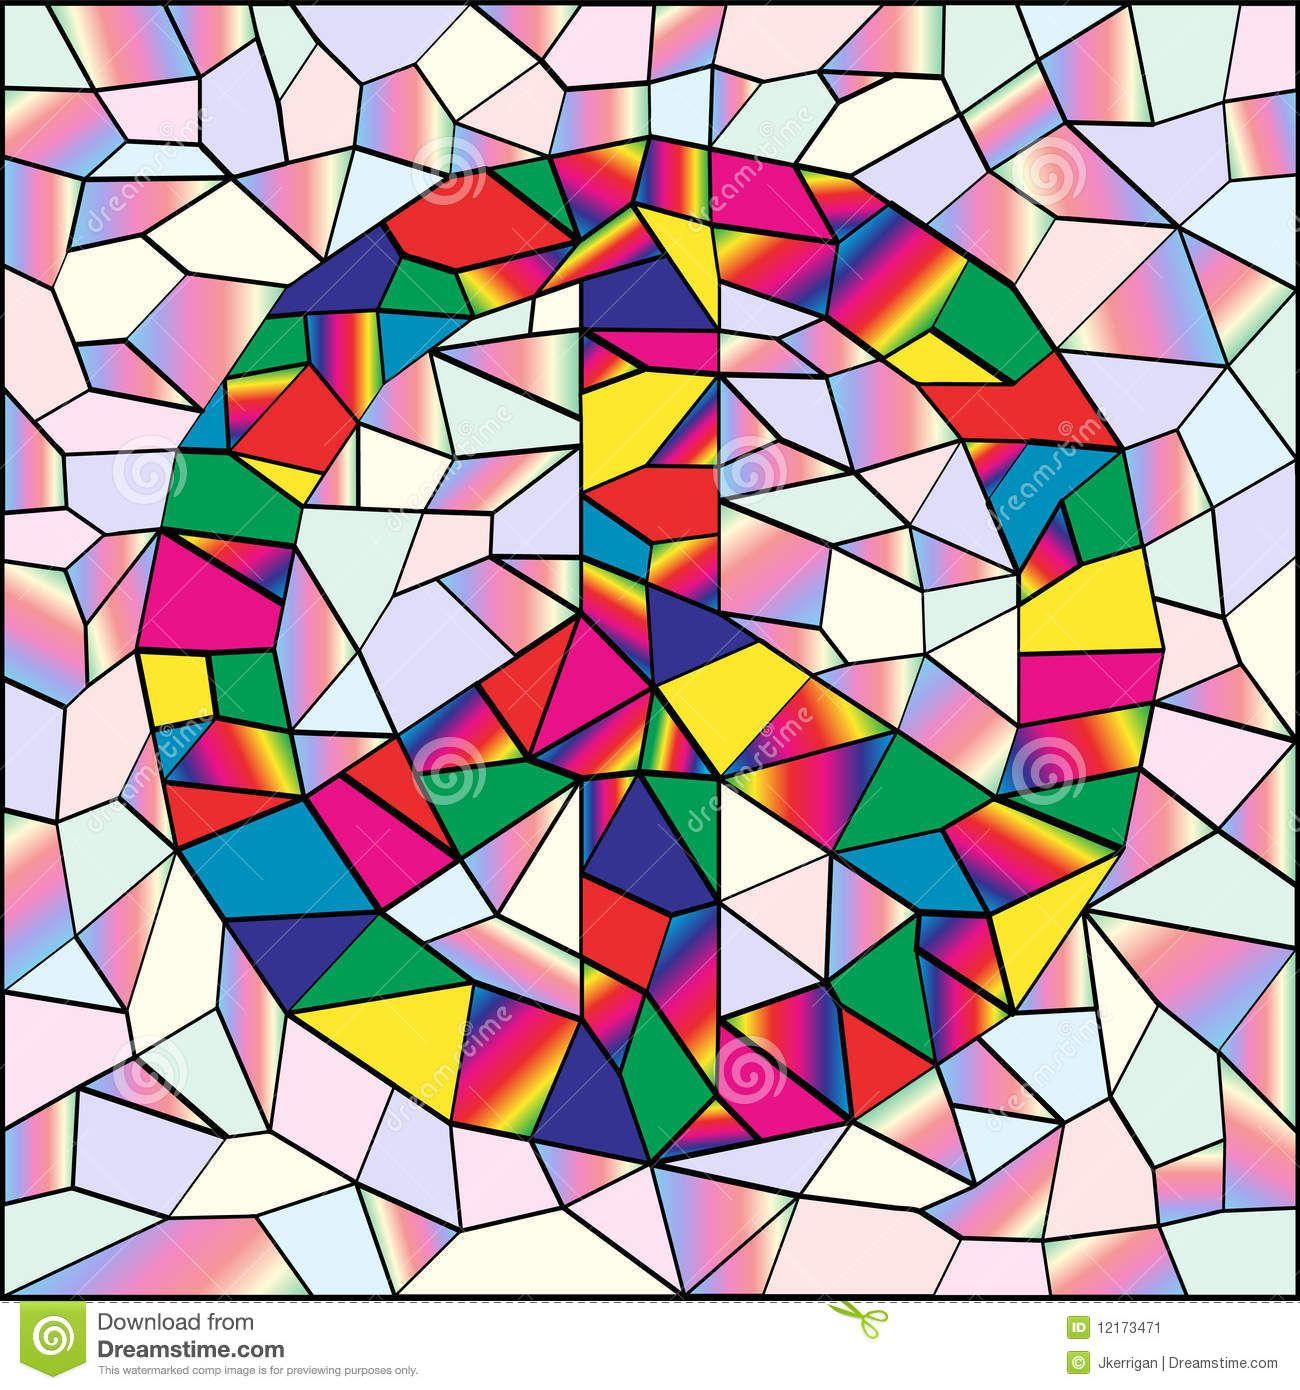 peace-sign-12173471.jpg (1300×1390)